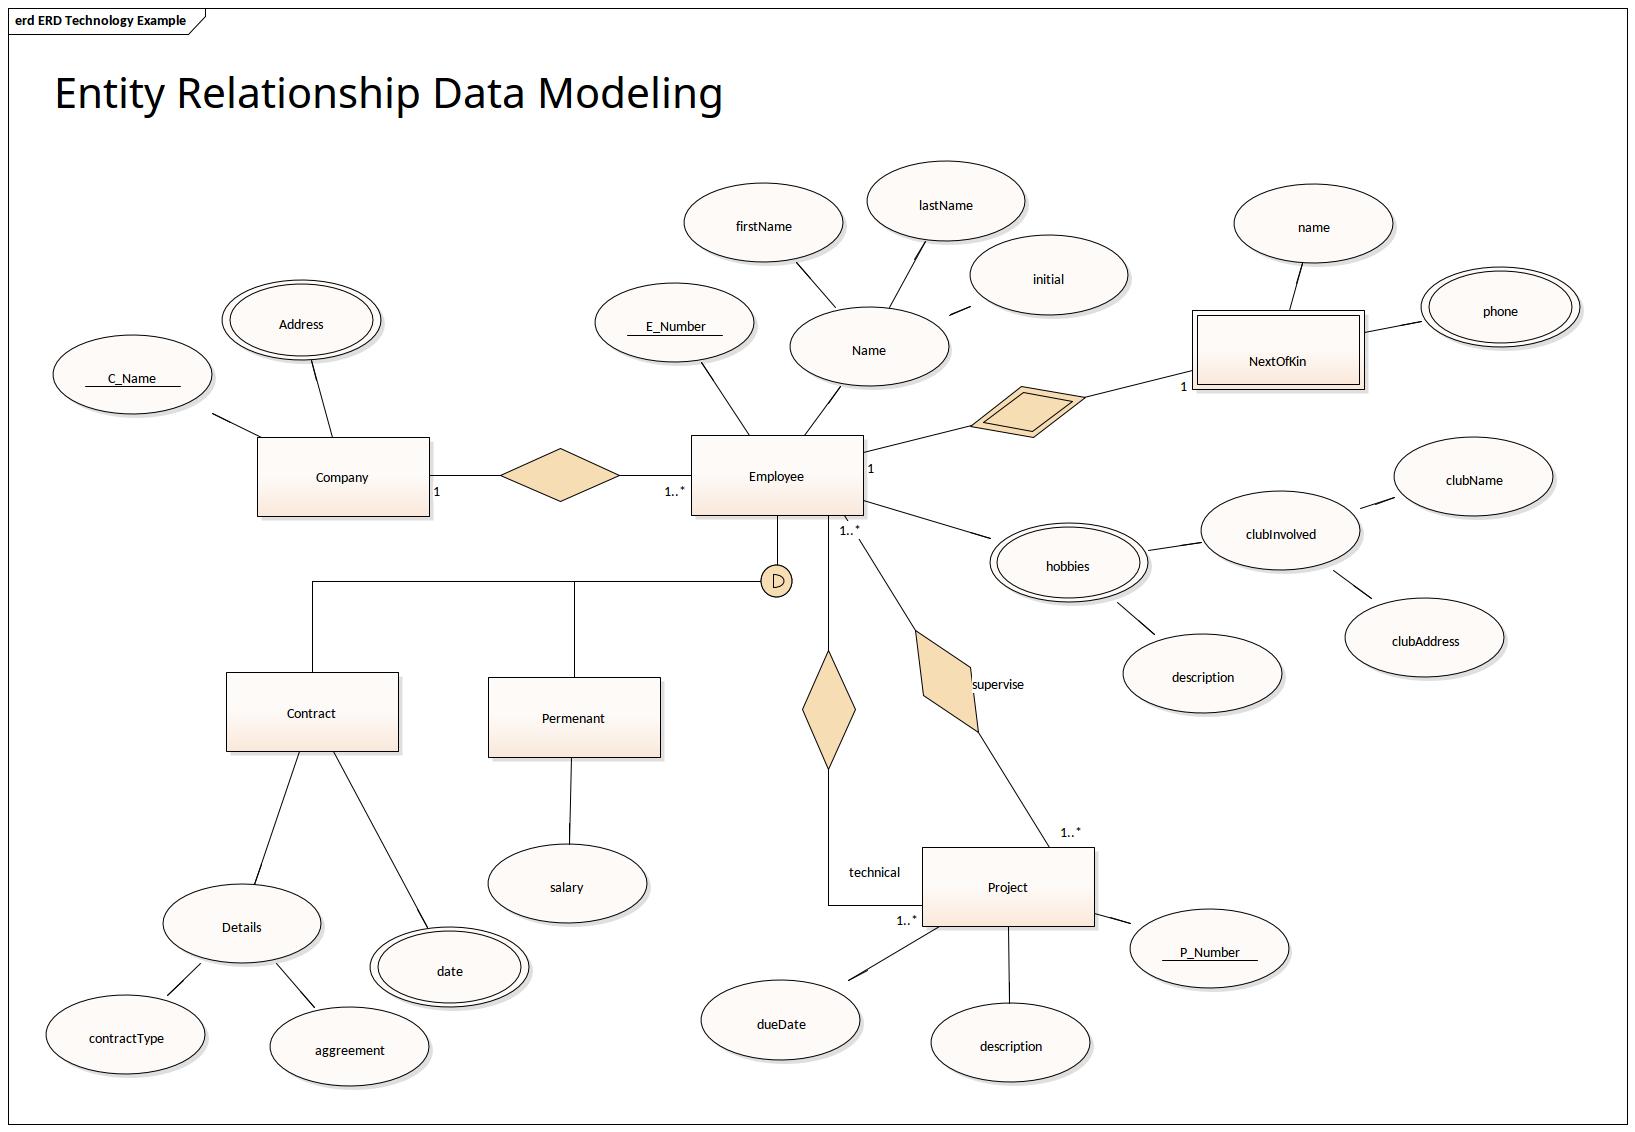 Entity Relationship Data Modeling   Enterprise Architect within Erd Relationship Symbols